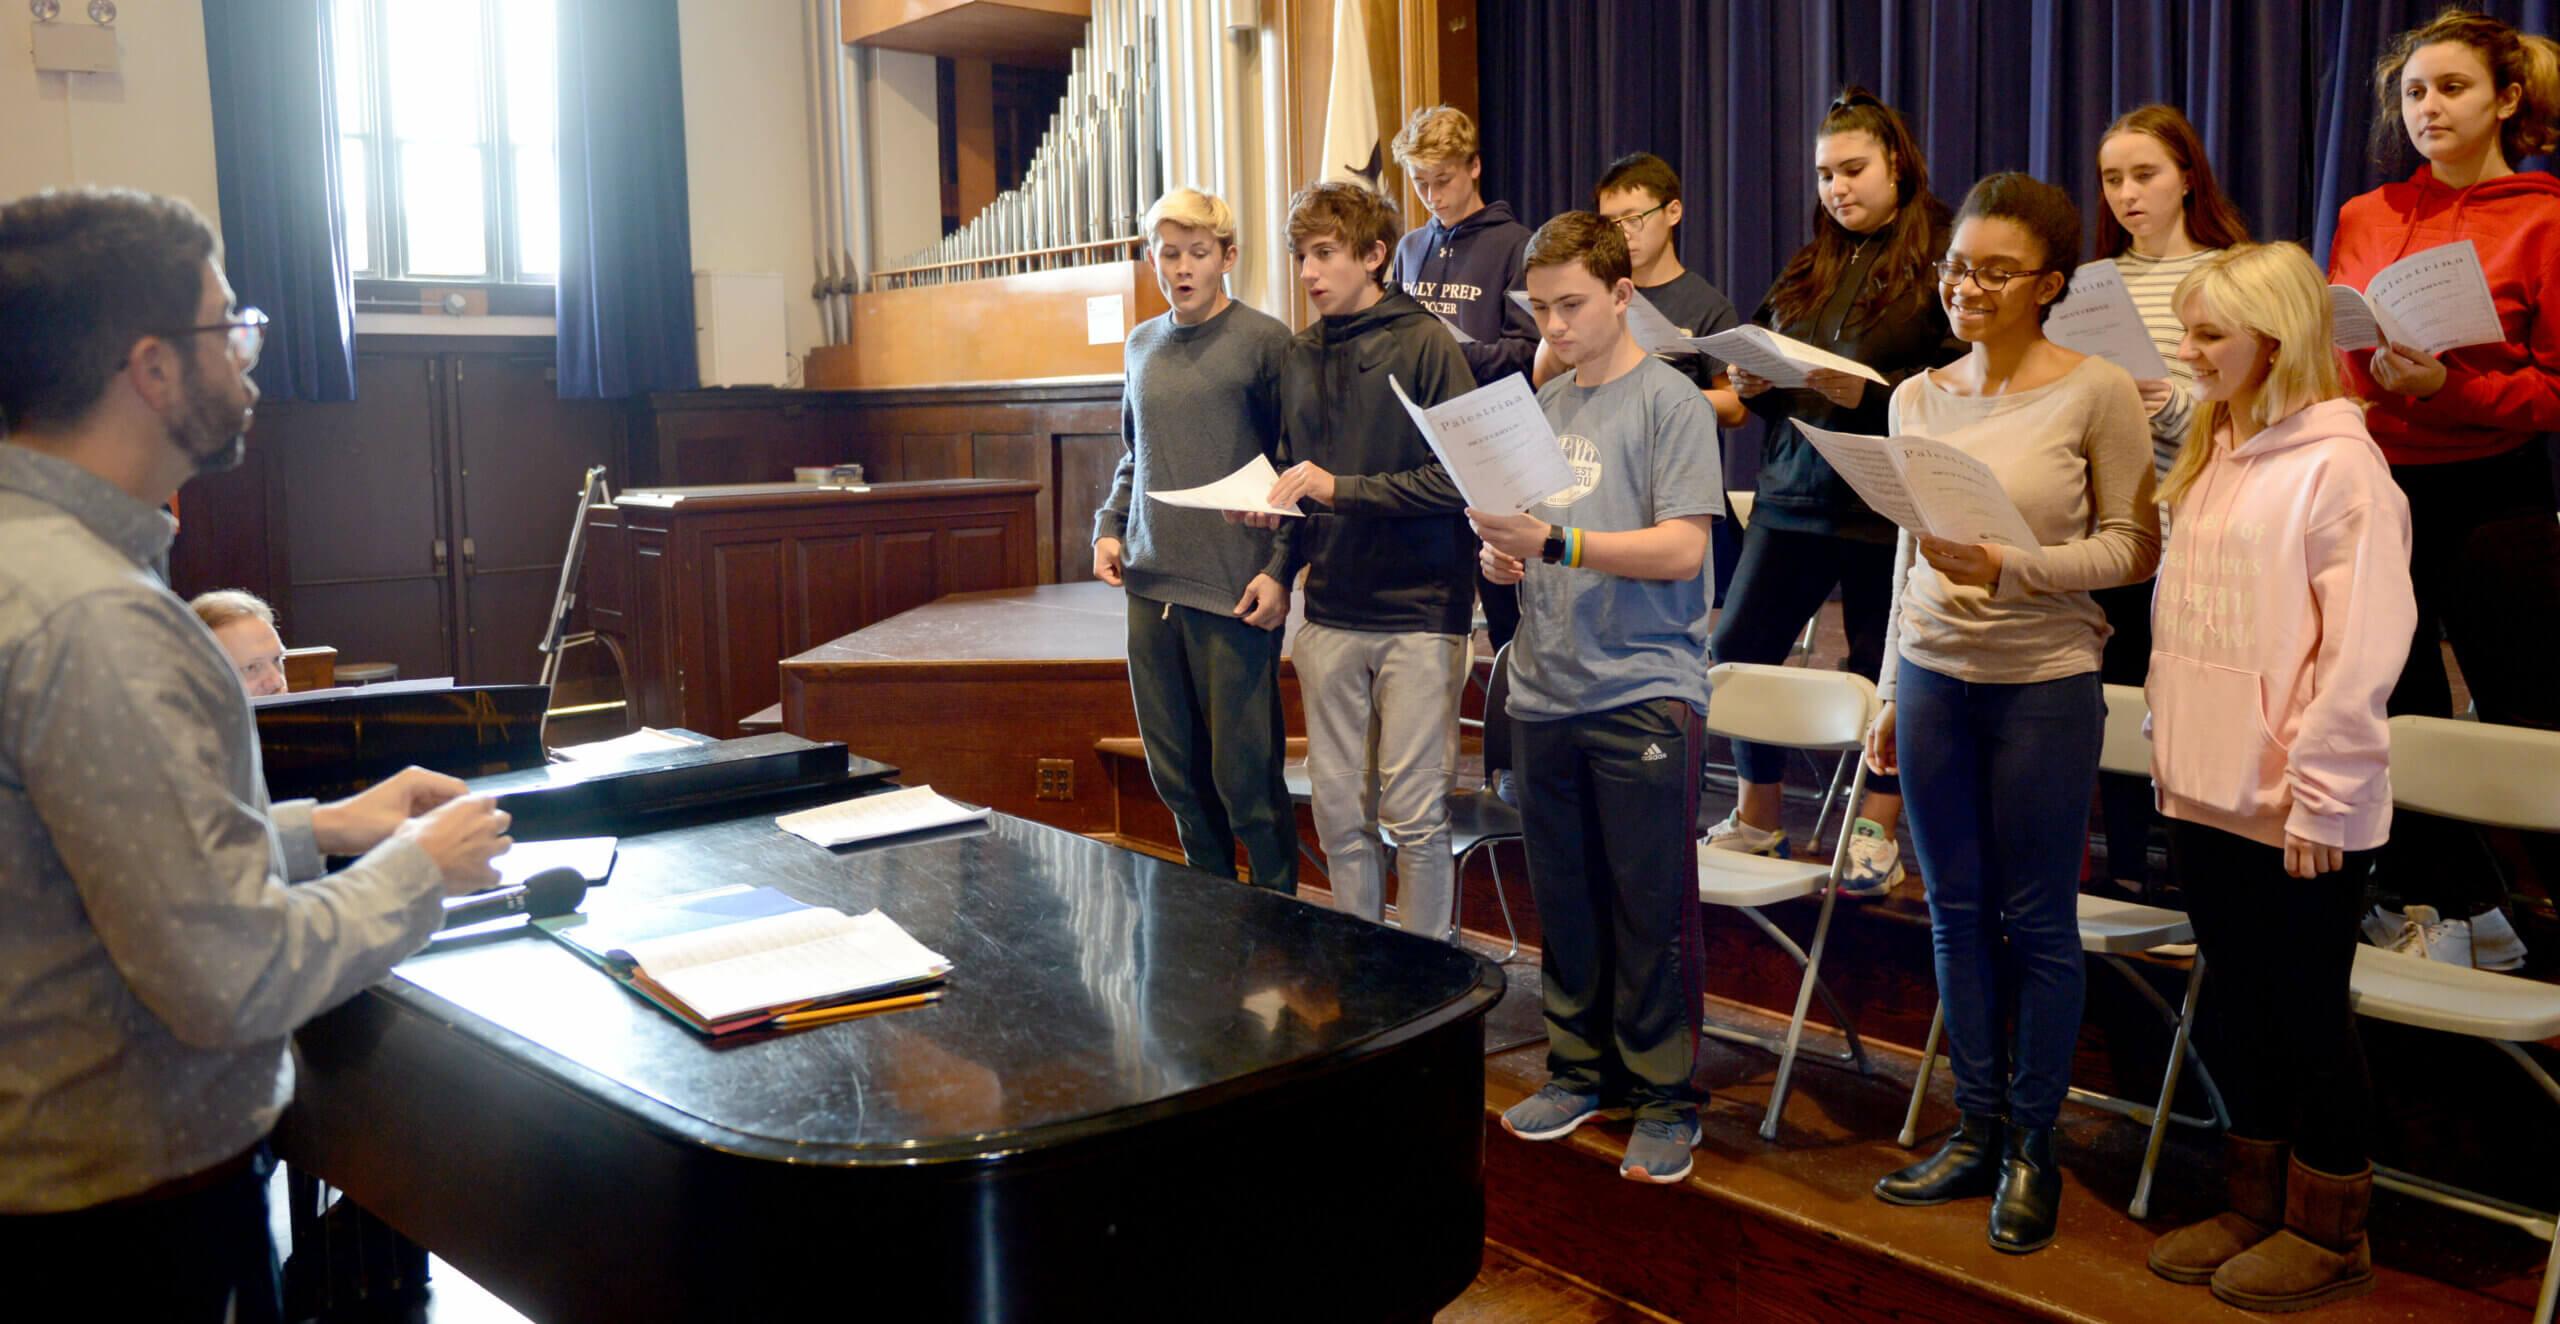 Dan Doughty teaching music class in chapel